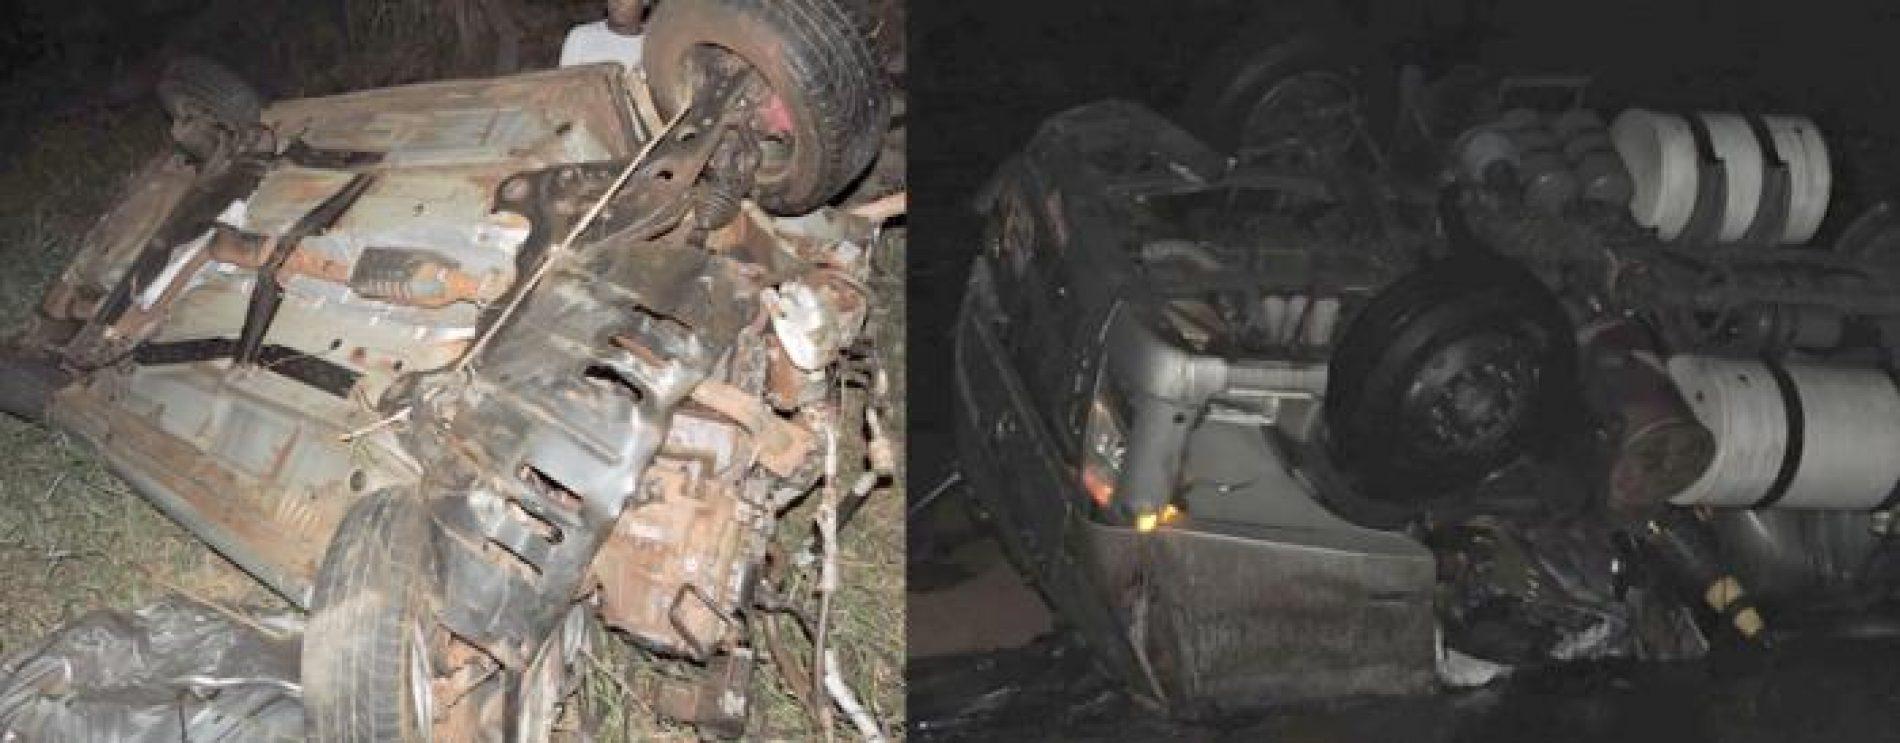 PLANURA: Duas pessoas ficam feridas em grave acidente na BR-364